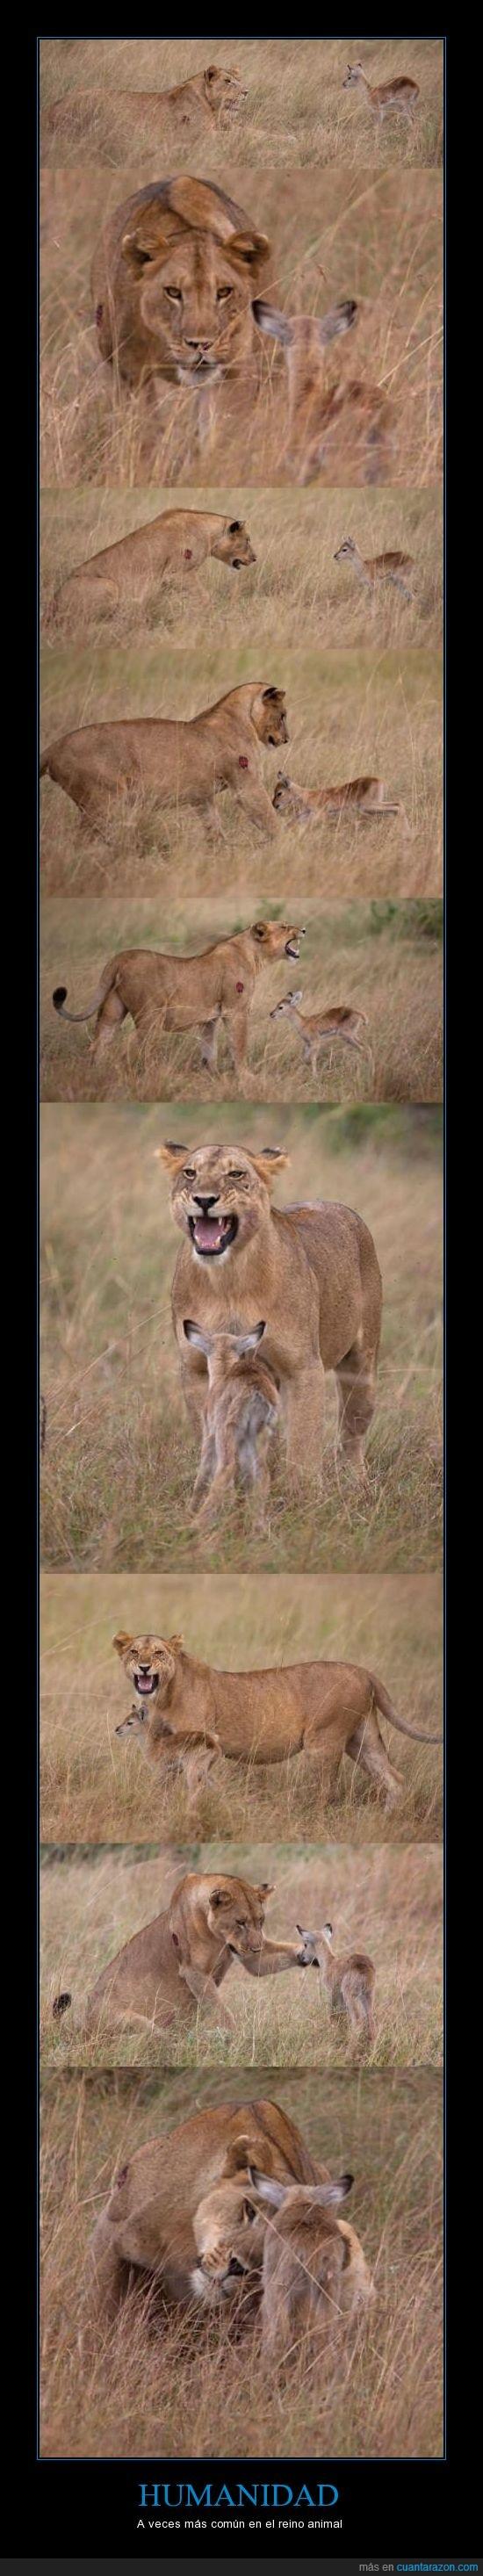 aprendemos mucho de esta imagen,humanidad,leona,Reino animal